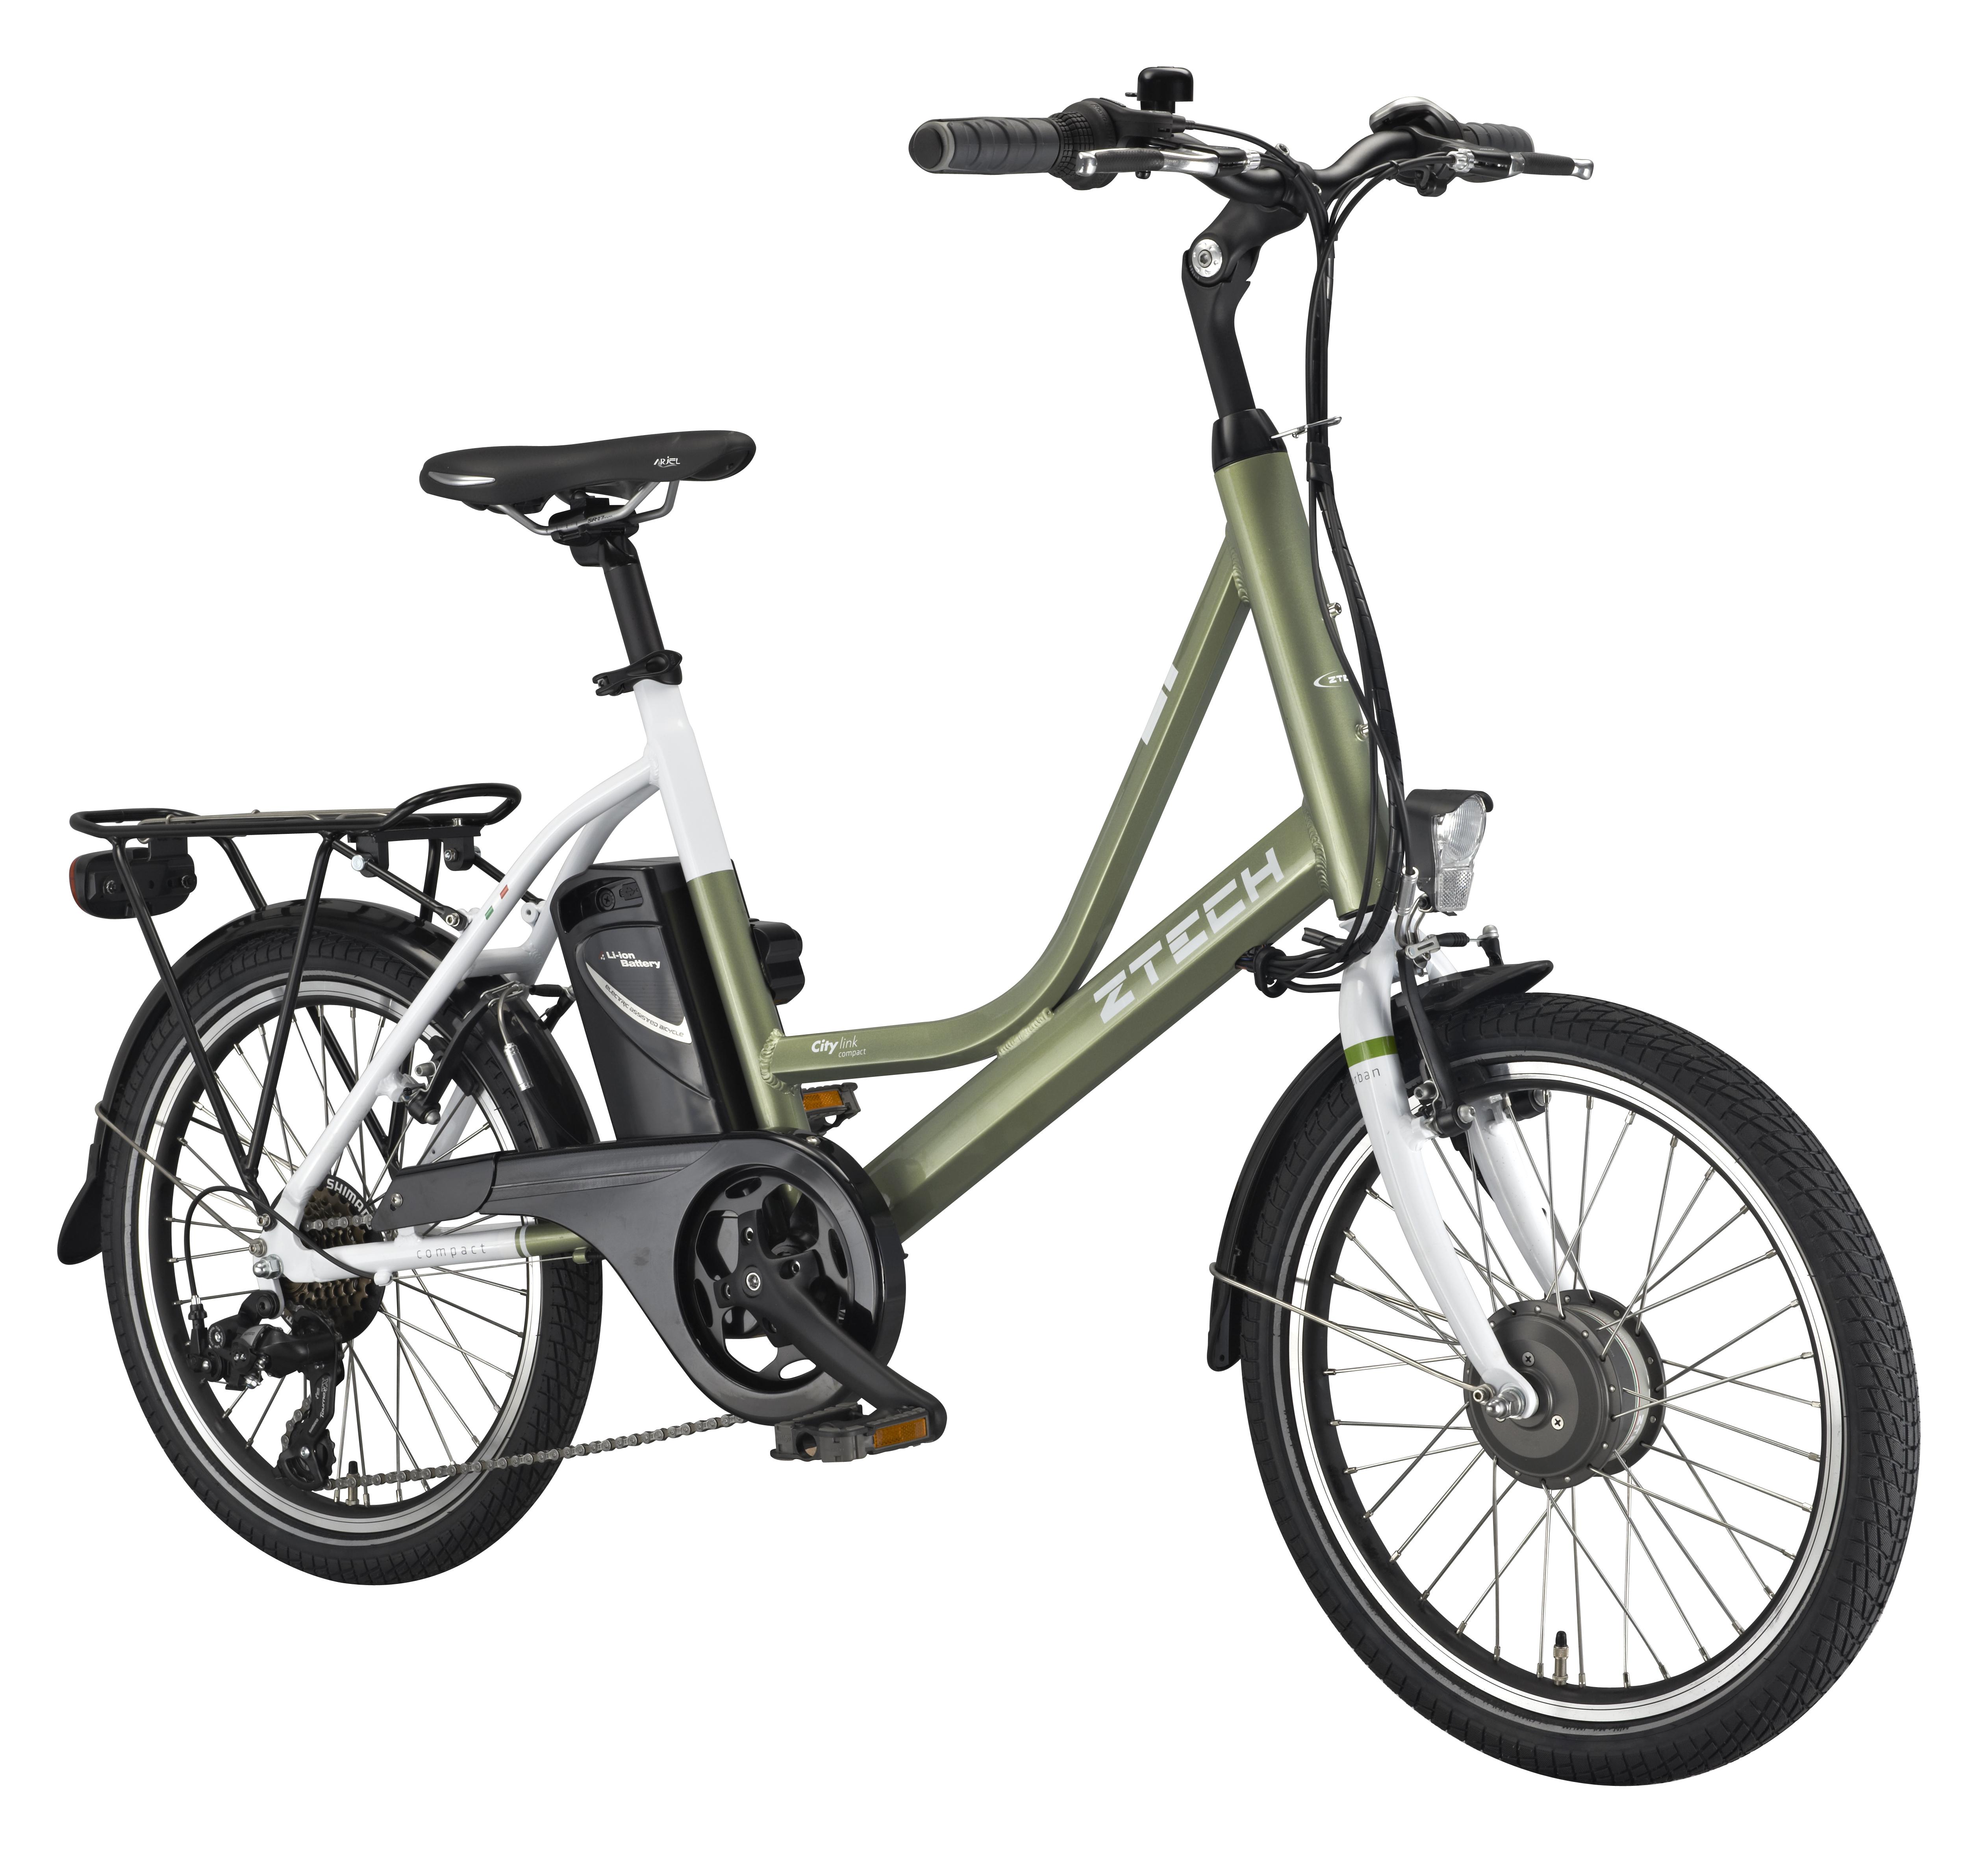 Bicicleta electrica pliabila Ztech ZT-73 Compact